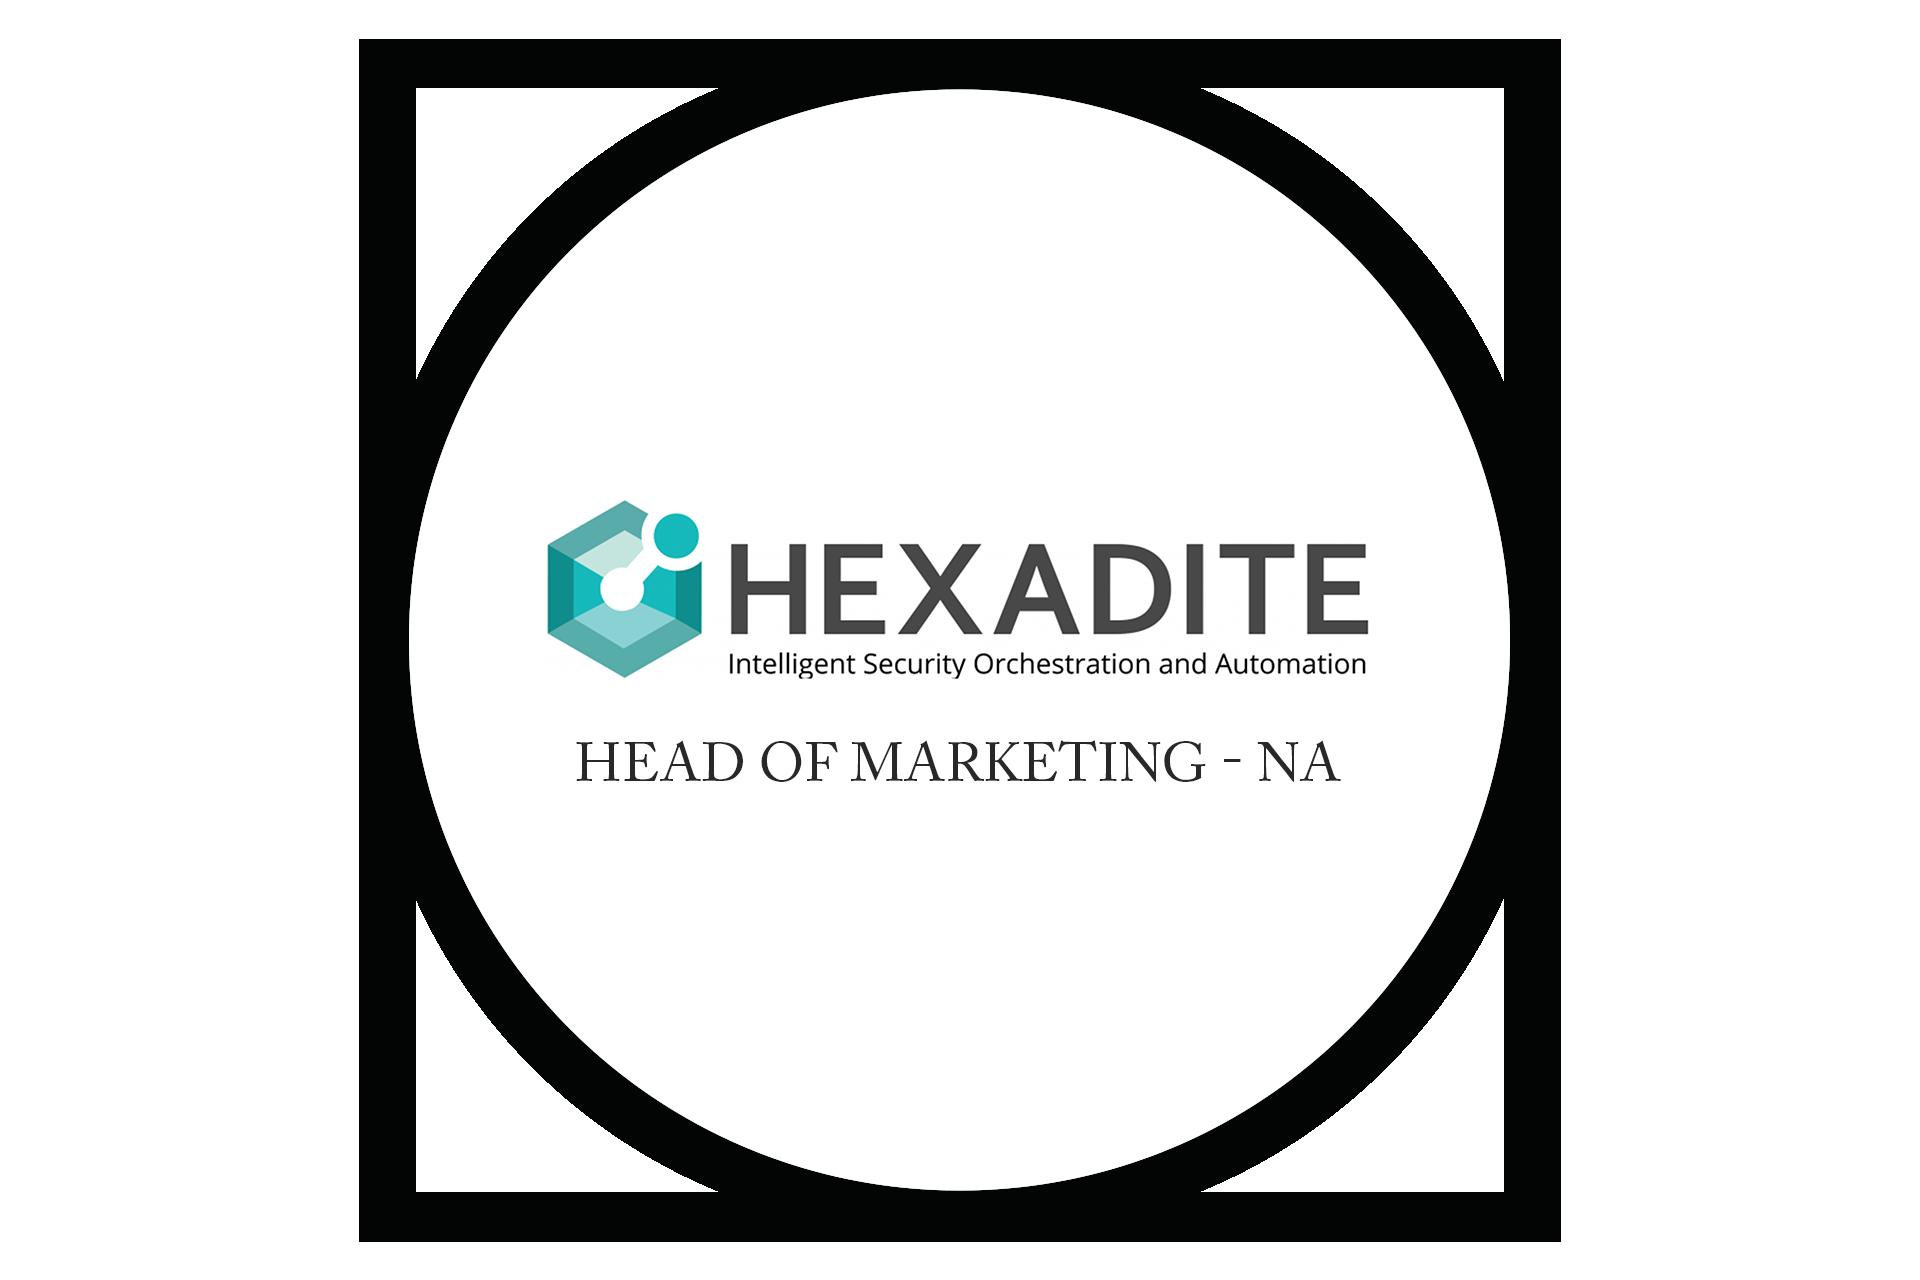 16-hexadite